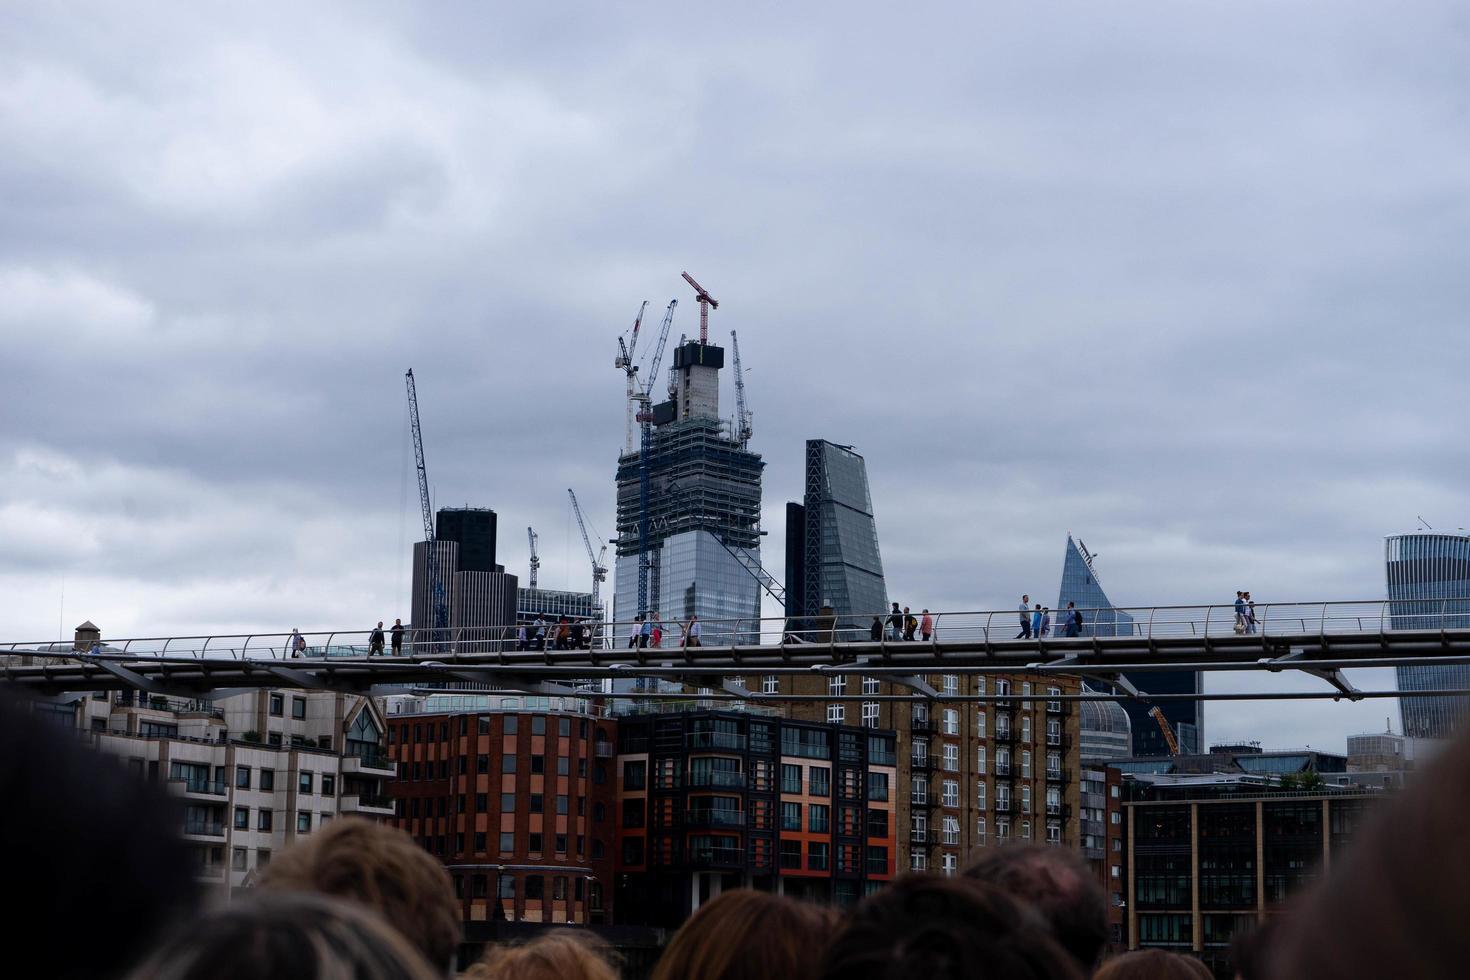 londra, inghilterra, 2020 - costruzione di edifici in città foto